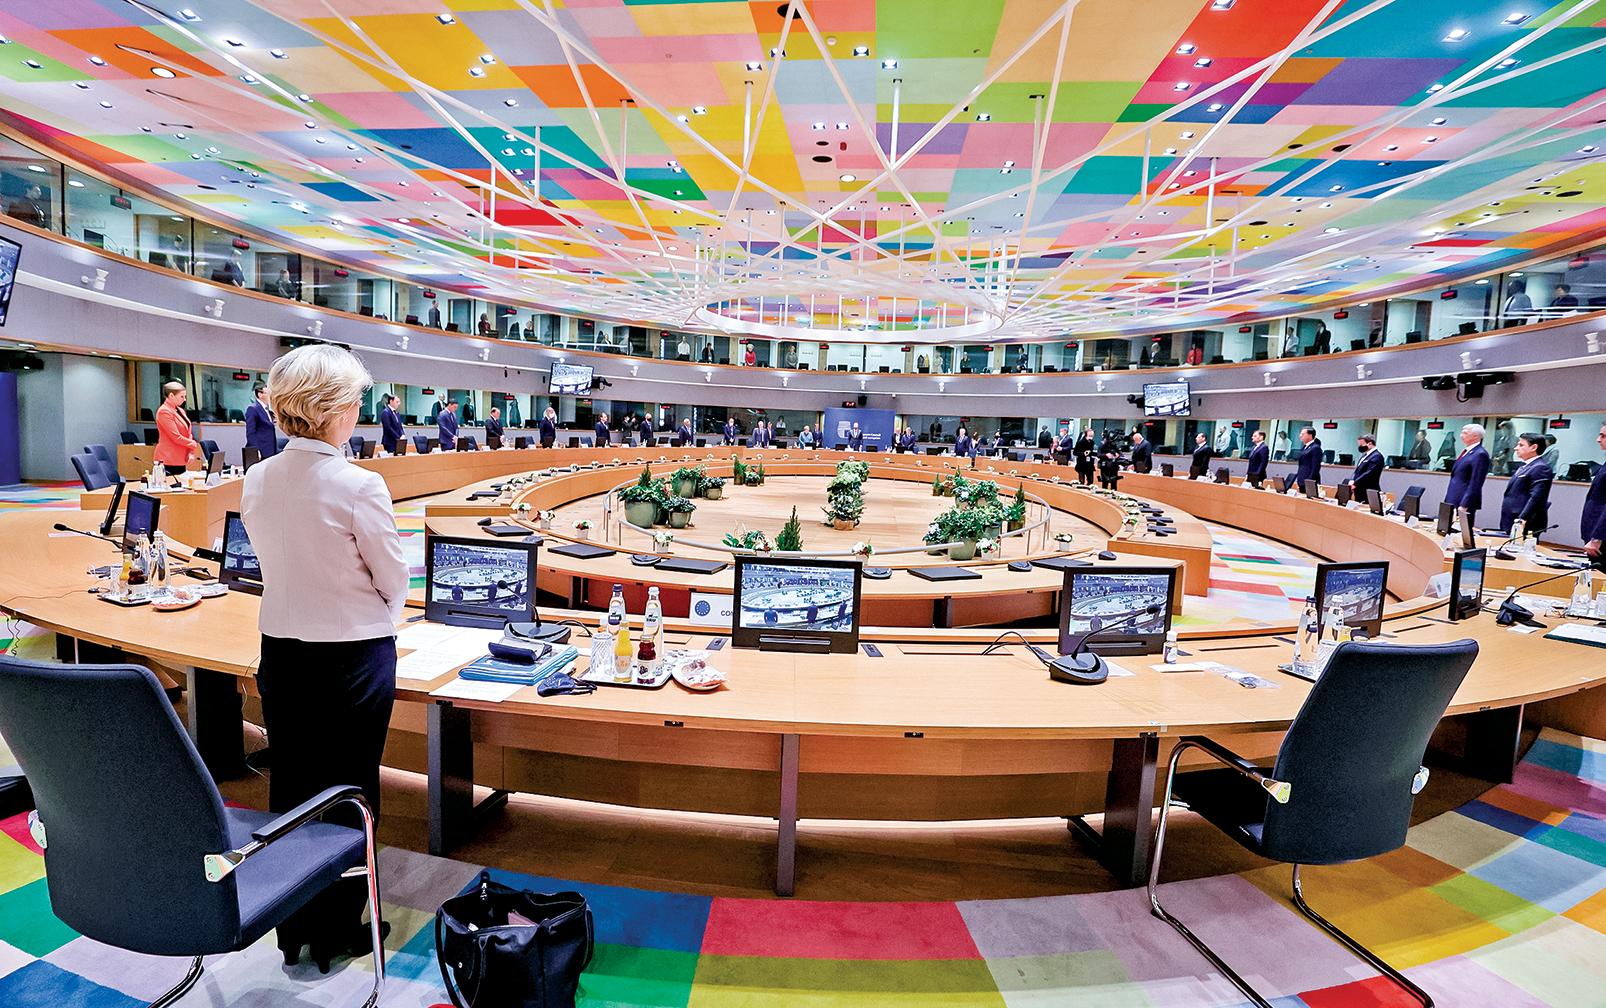 歐盟理事會在2020年12月10日,表決通過歐盟版的《全球馬格尼茨基法案》。圖為當天,歐盟領導人在布魯塞爾歐盟理事會大樓舉行圓桌會議。(Getty Images)